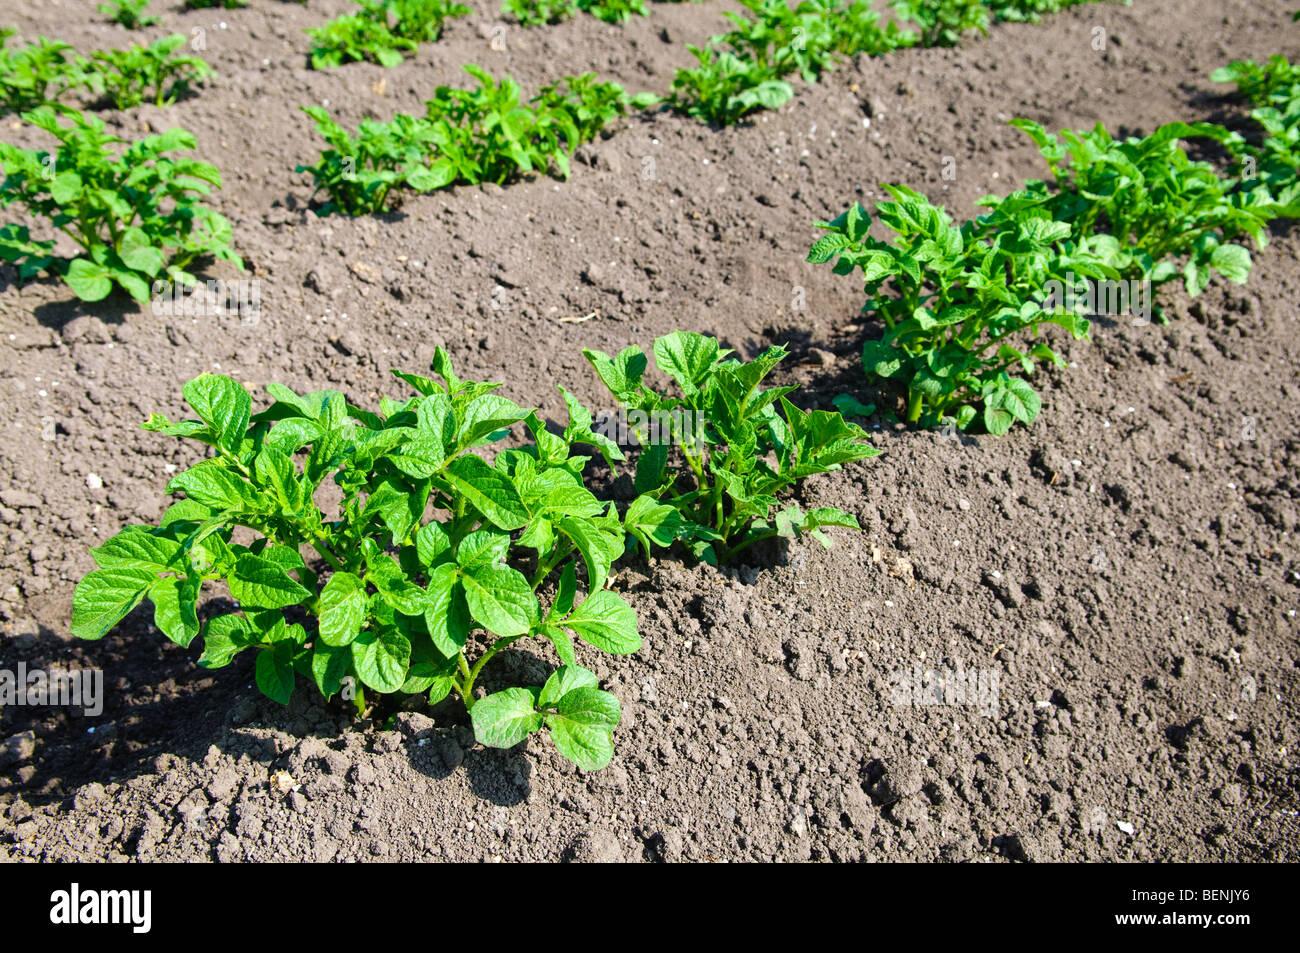 Potato field with young potato plants - Stock Image